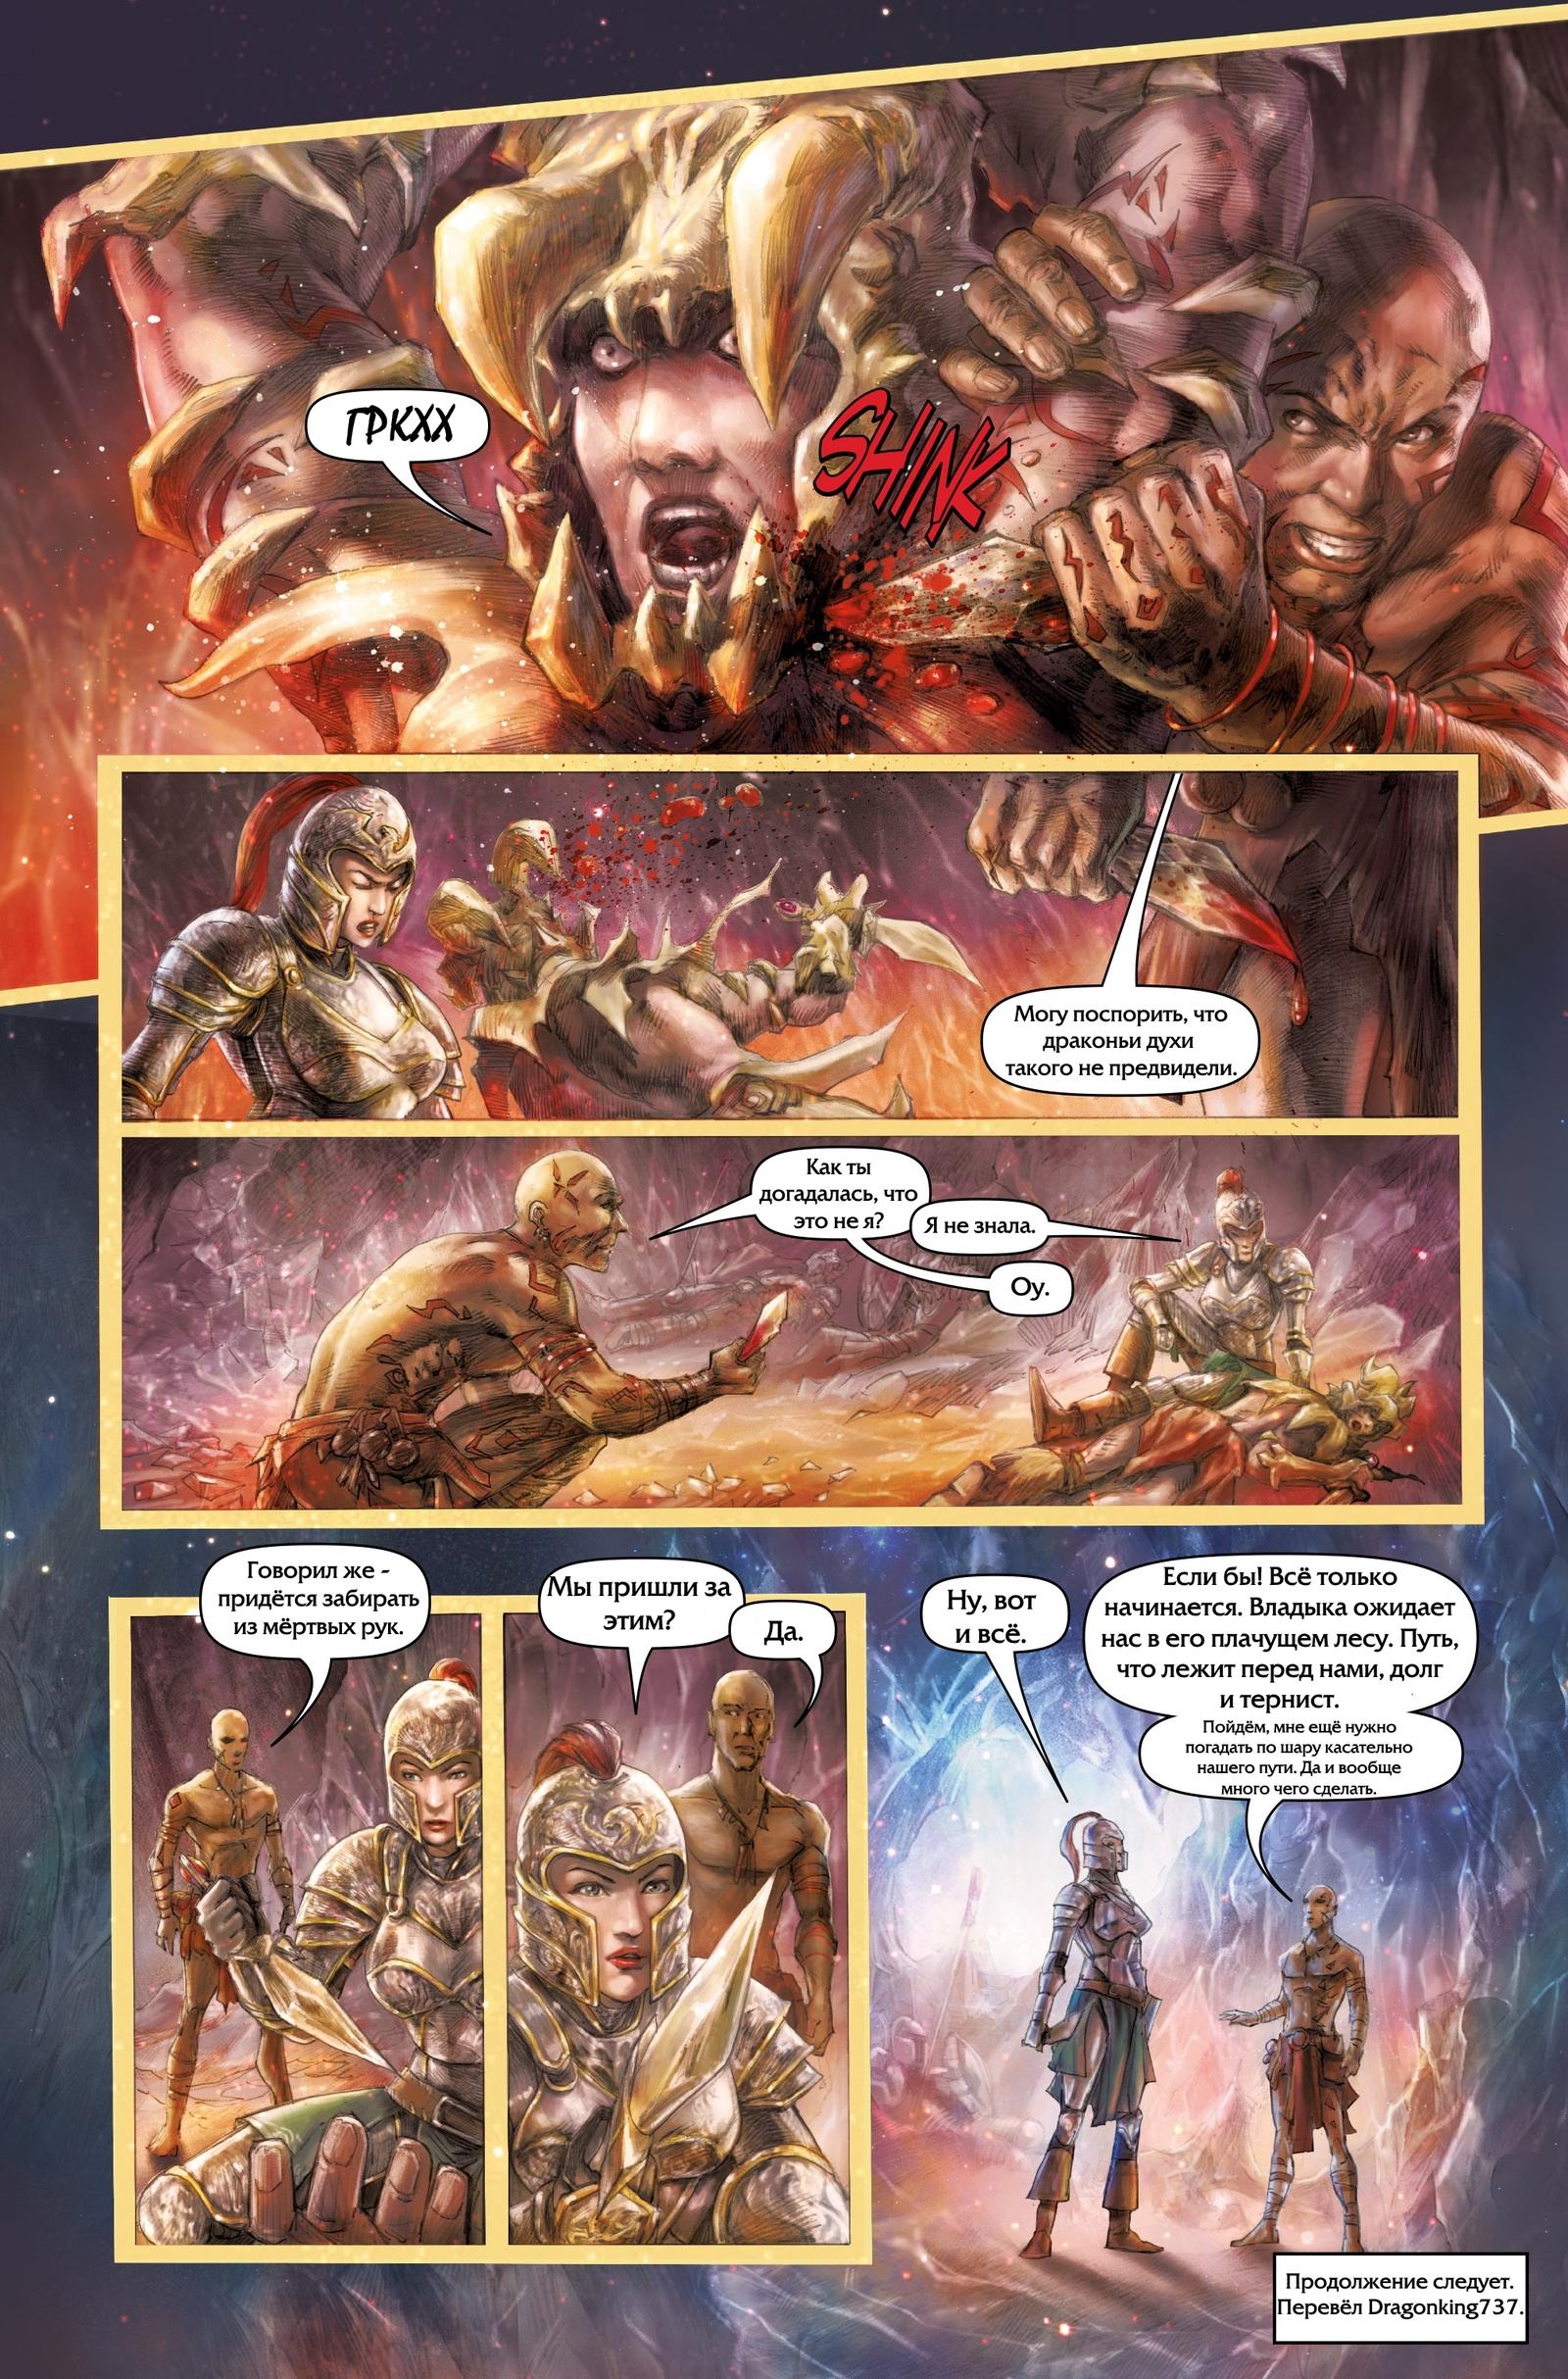 Немного комиксов по Dark Souls.(часть 1) - Изображение 18